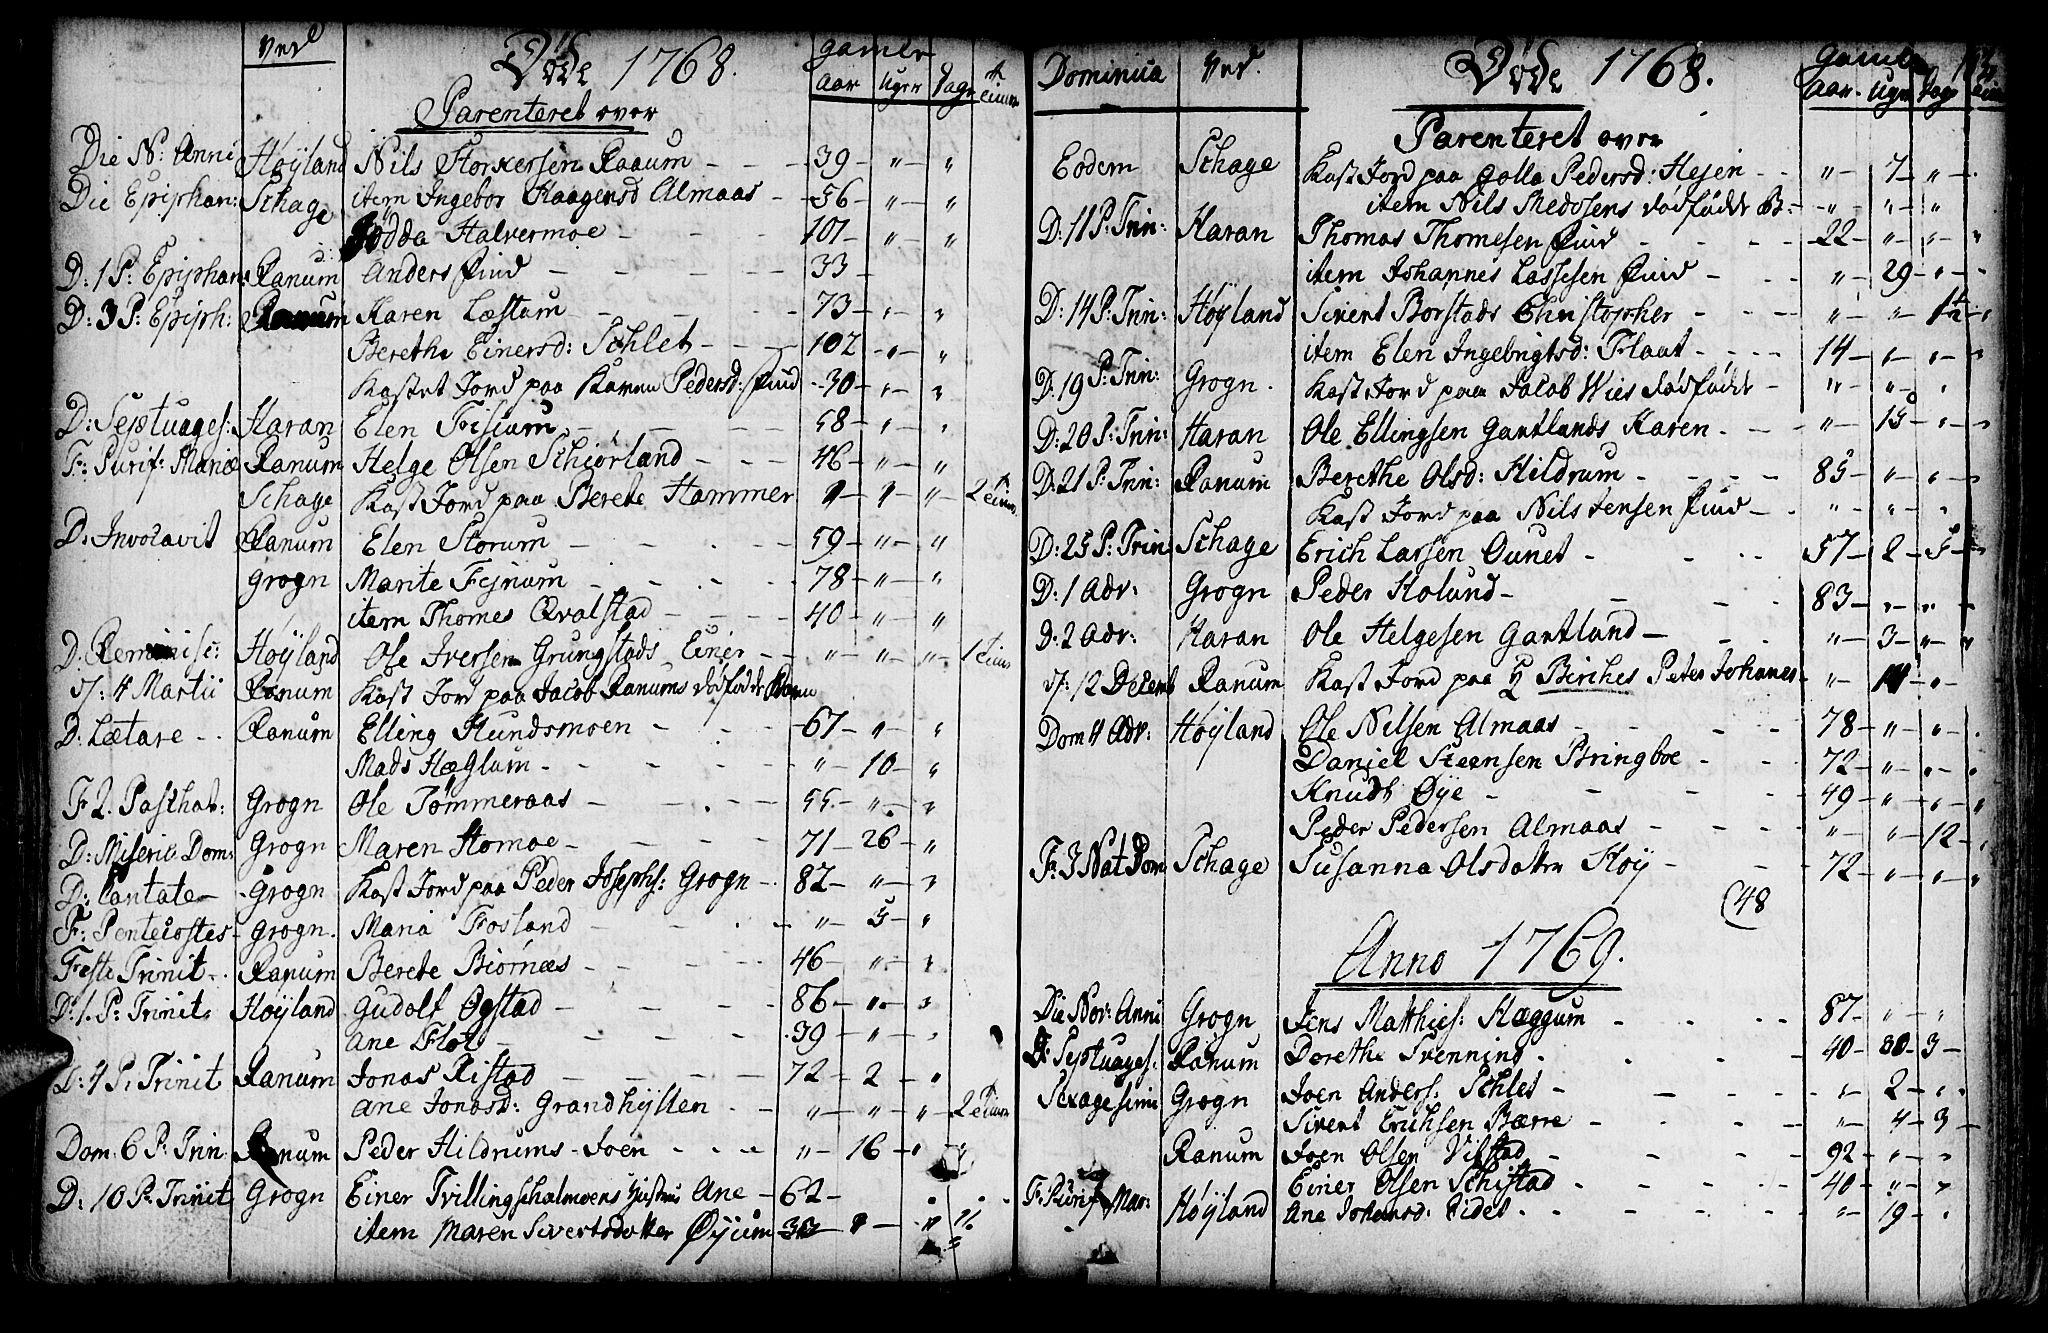 SAT, Ministerialprotokoller, klokkerbøker og fødselsregistre - Nord-Trøndelag, 764/L0542: Ministerialbok nr. 764A02, 1748-1779, s. 183